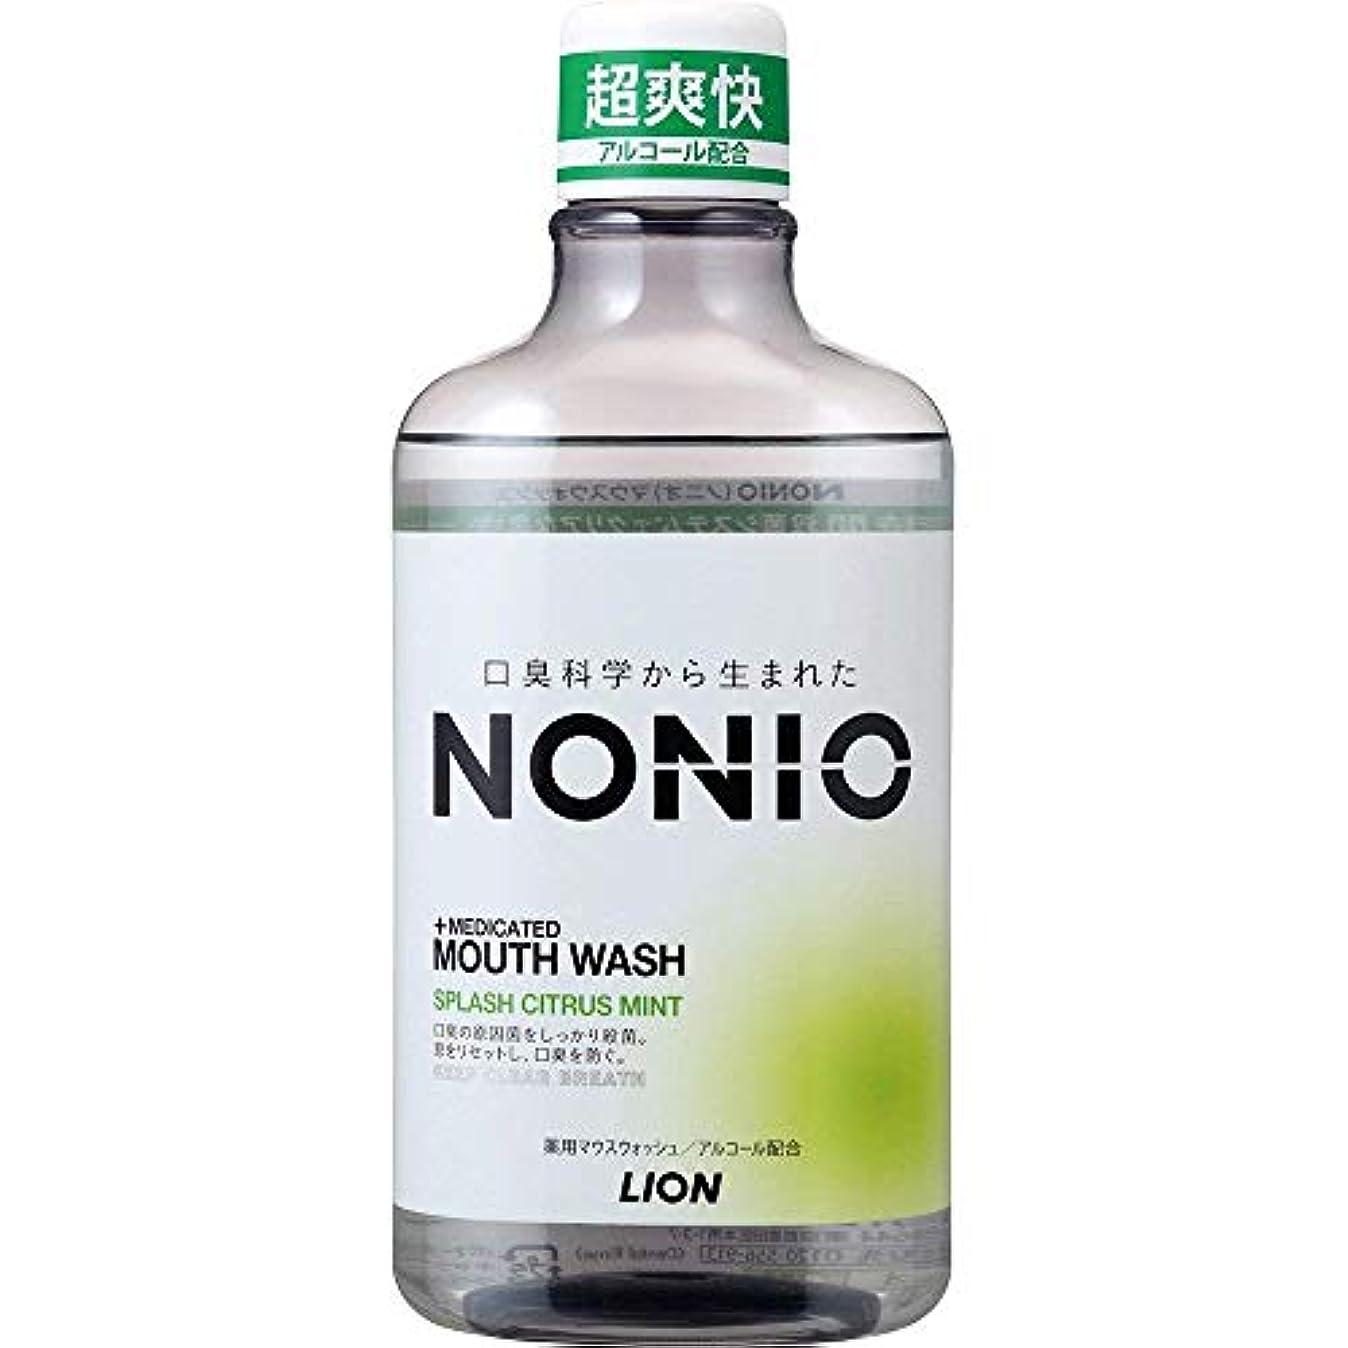 状表示白菜NONIO マウスウォッシュ スプラッシュシトラスミント 600ml ×12個